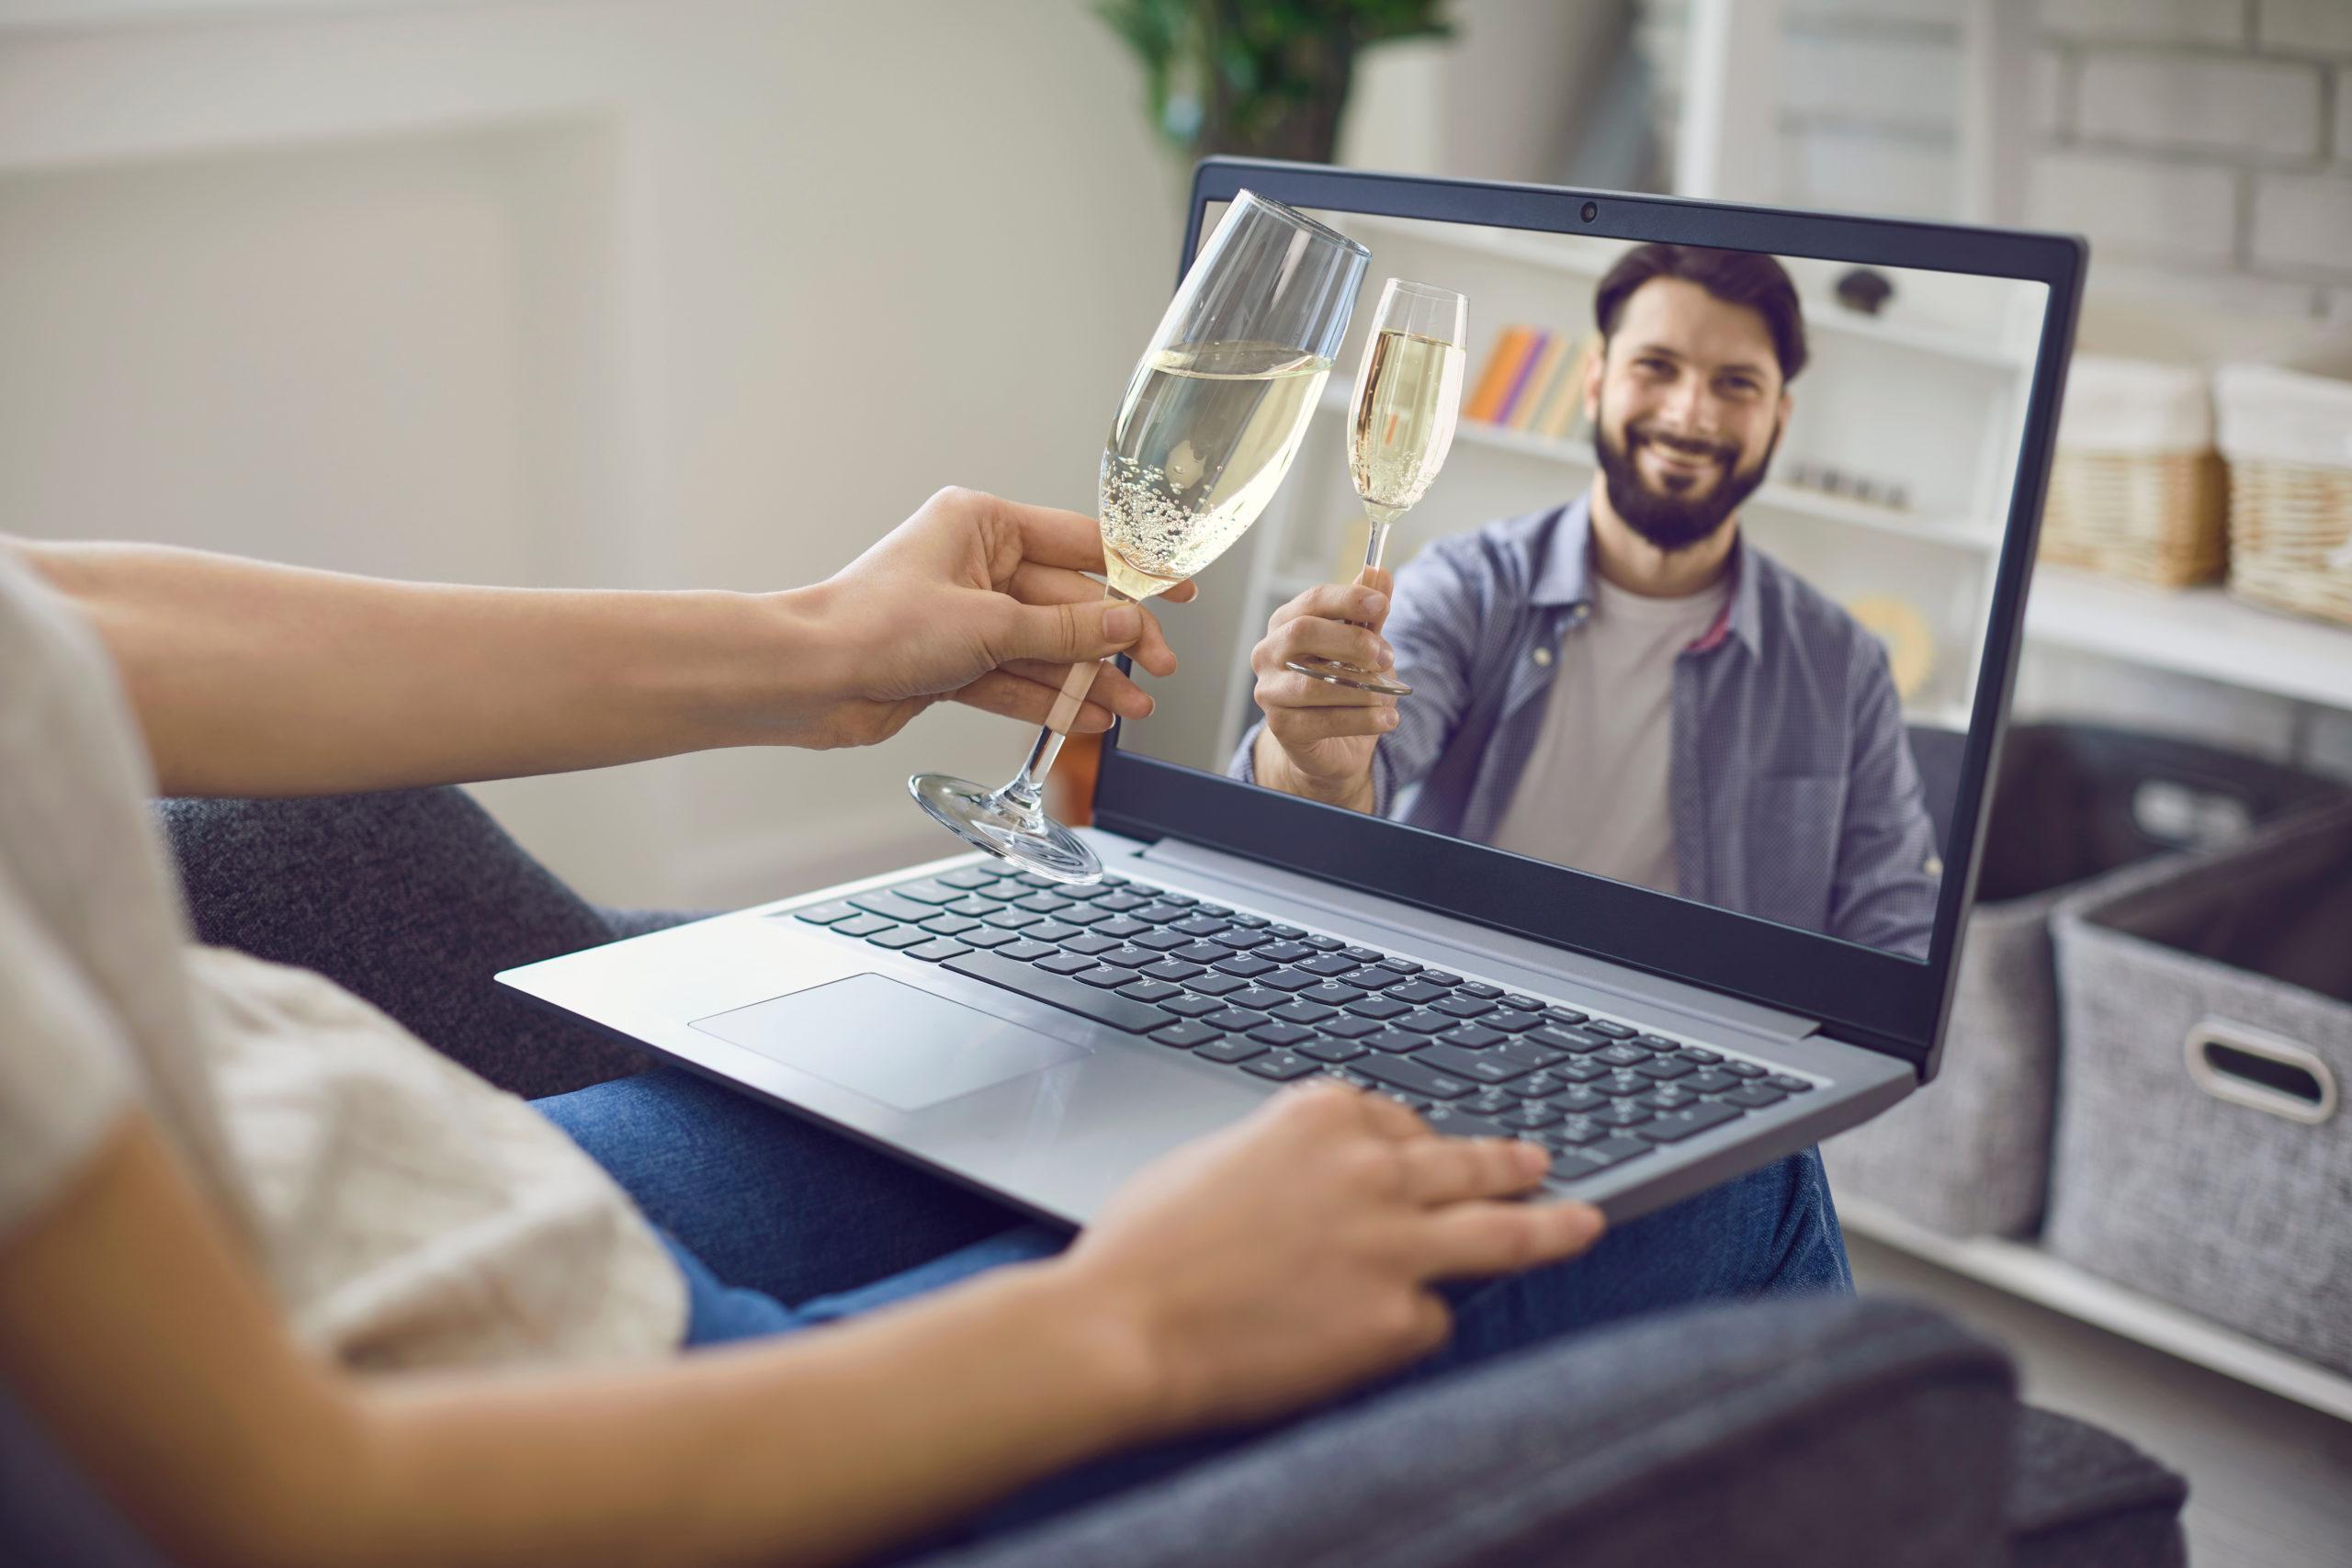 福岡結婚相談所ひまわりブーケのオンラインデートは映画がオススメの画像